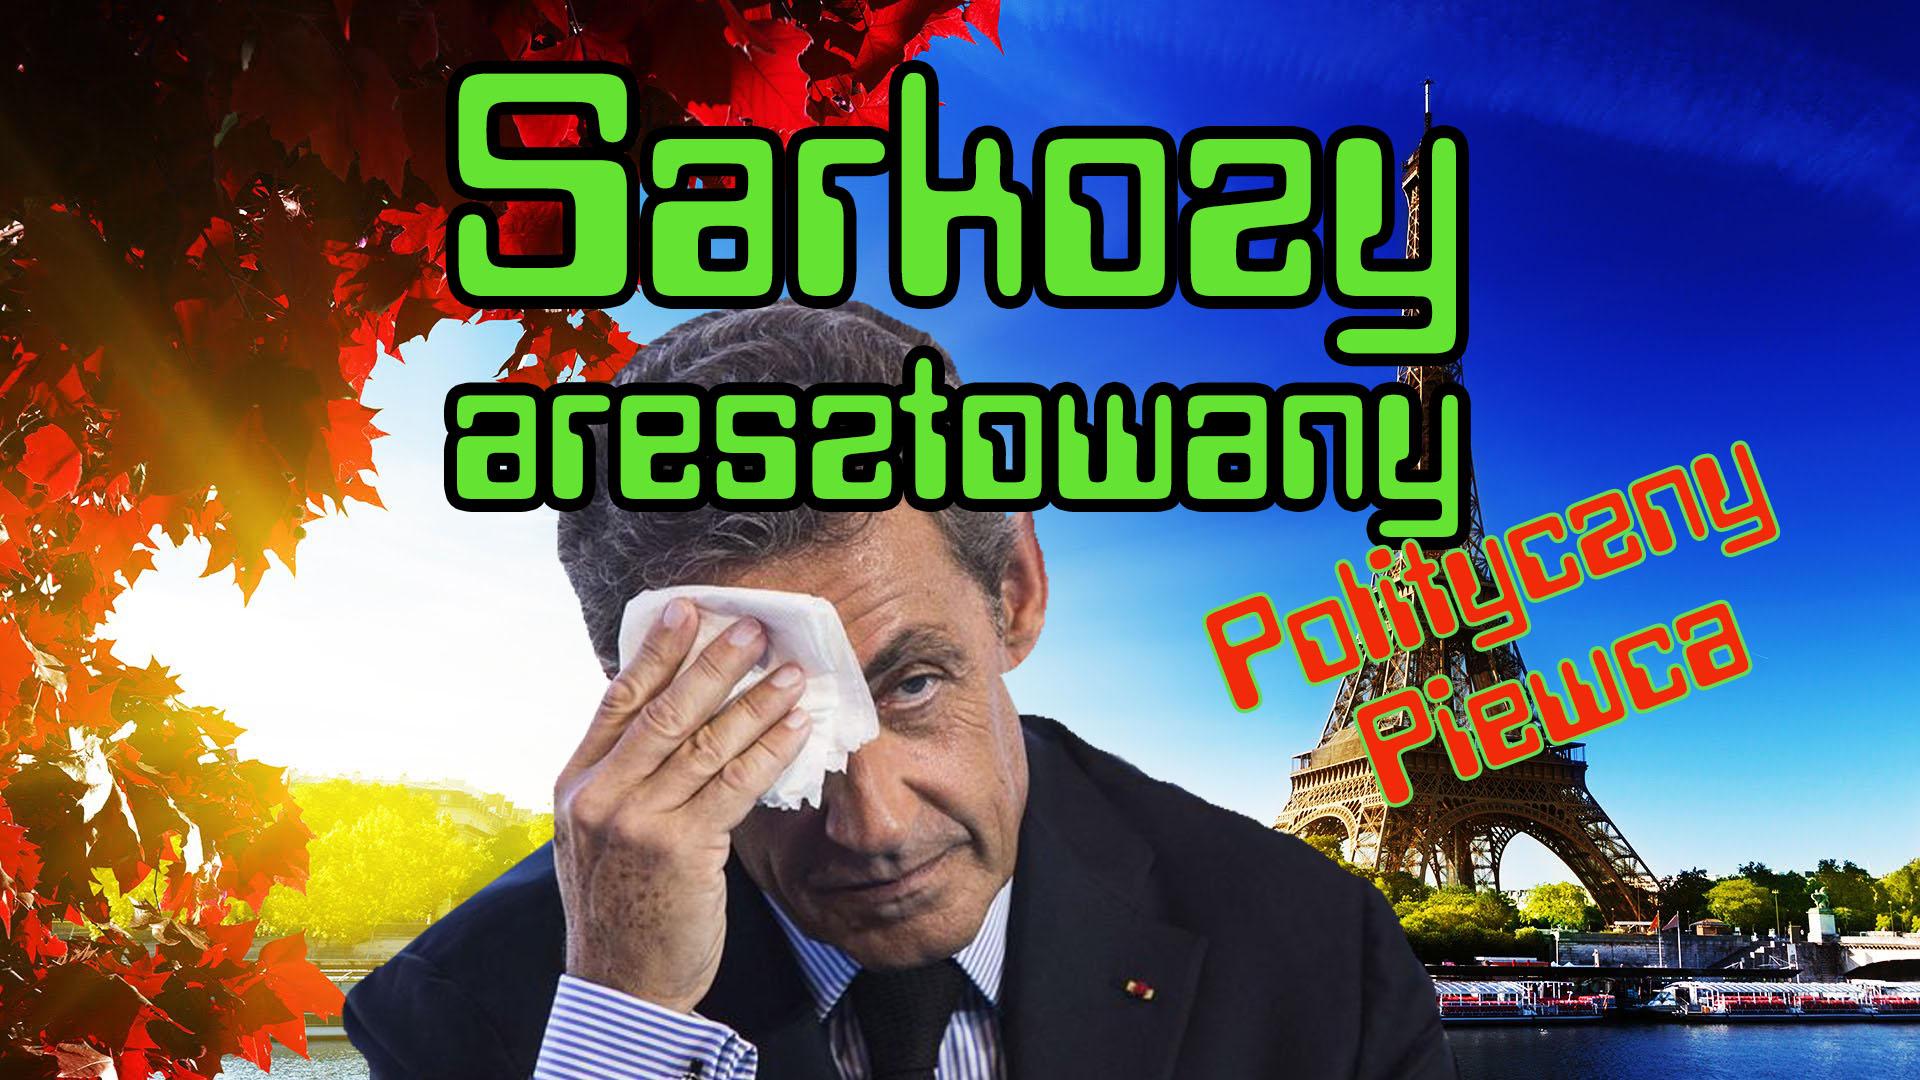 Sarkozy aresztowany – Polityczny Piewca